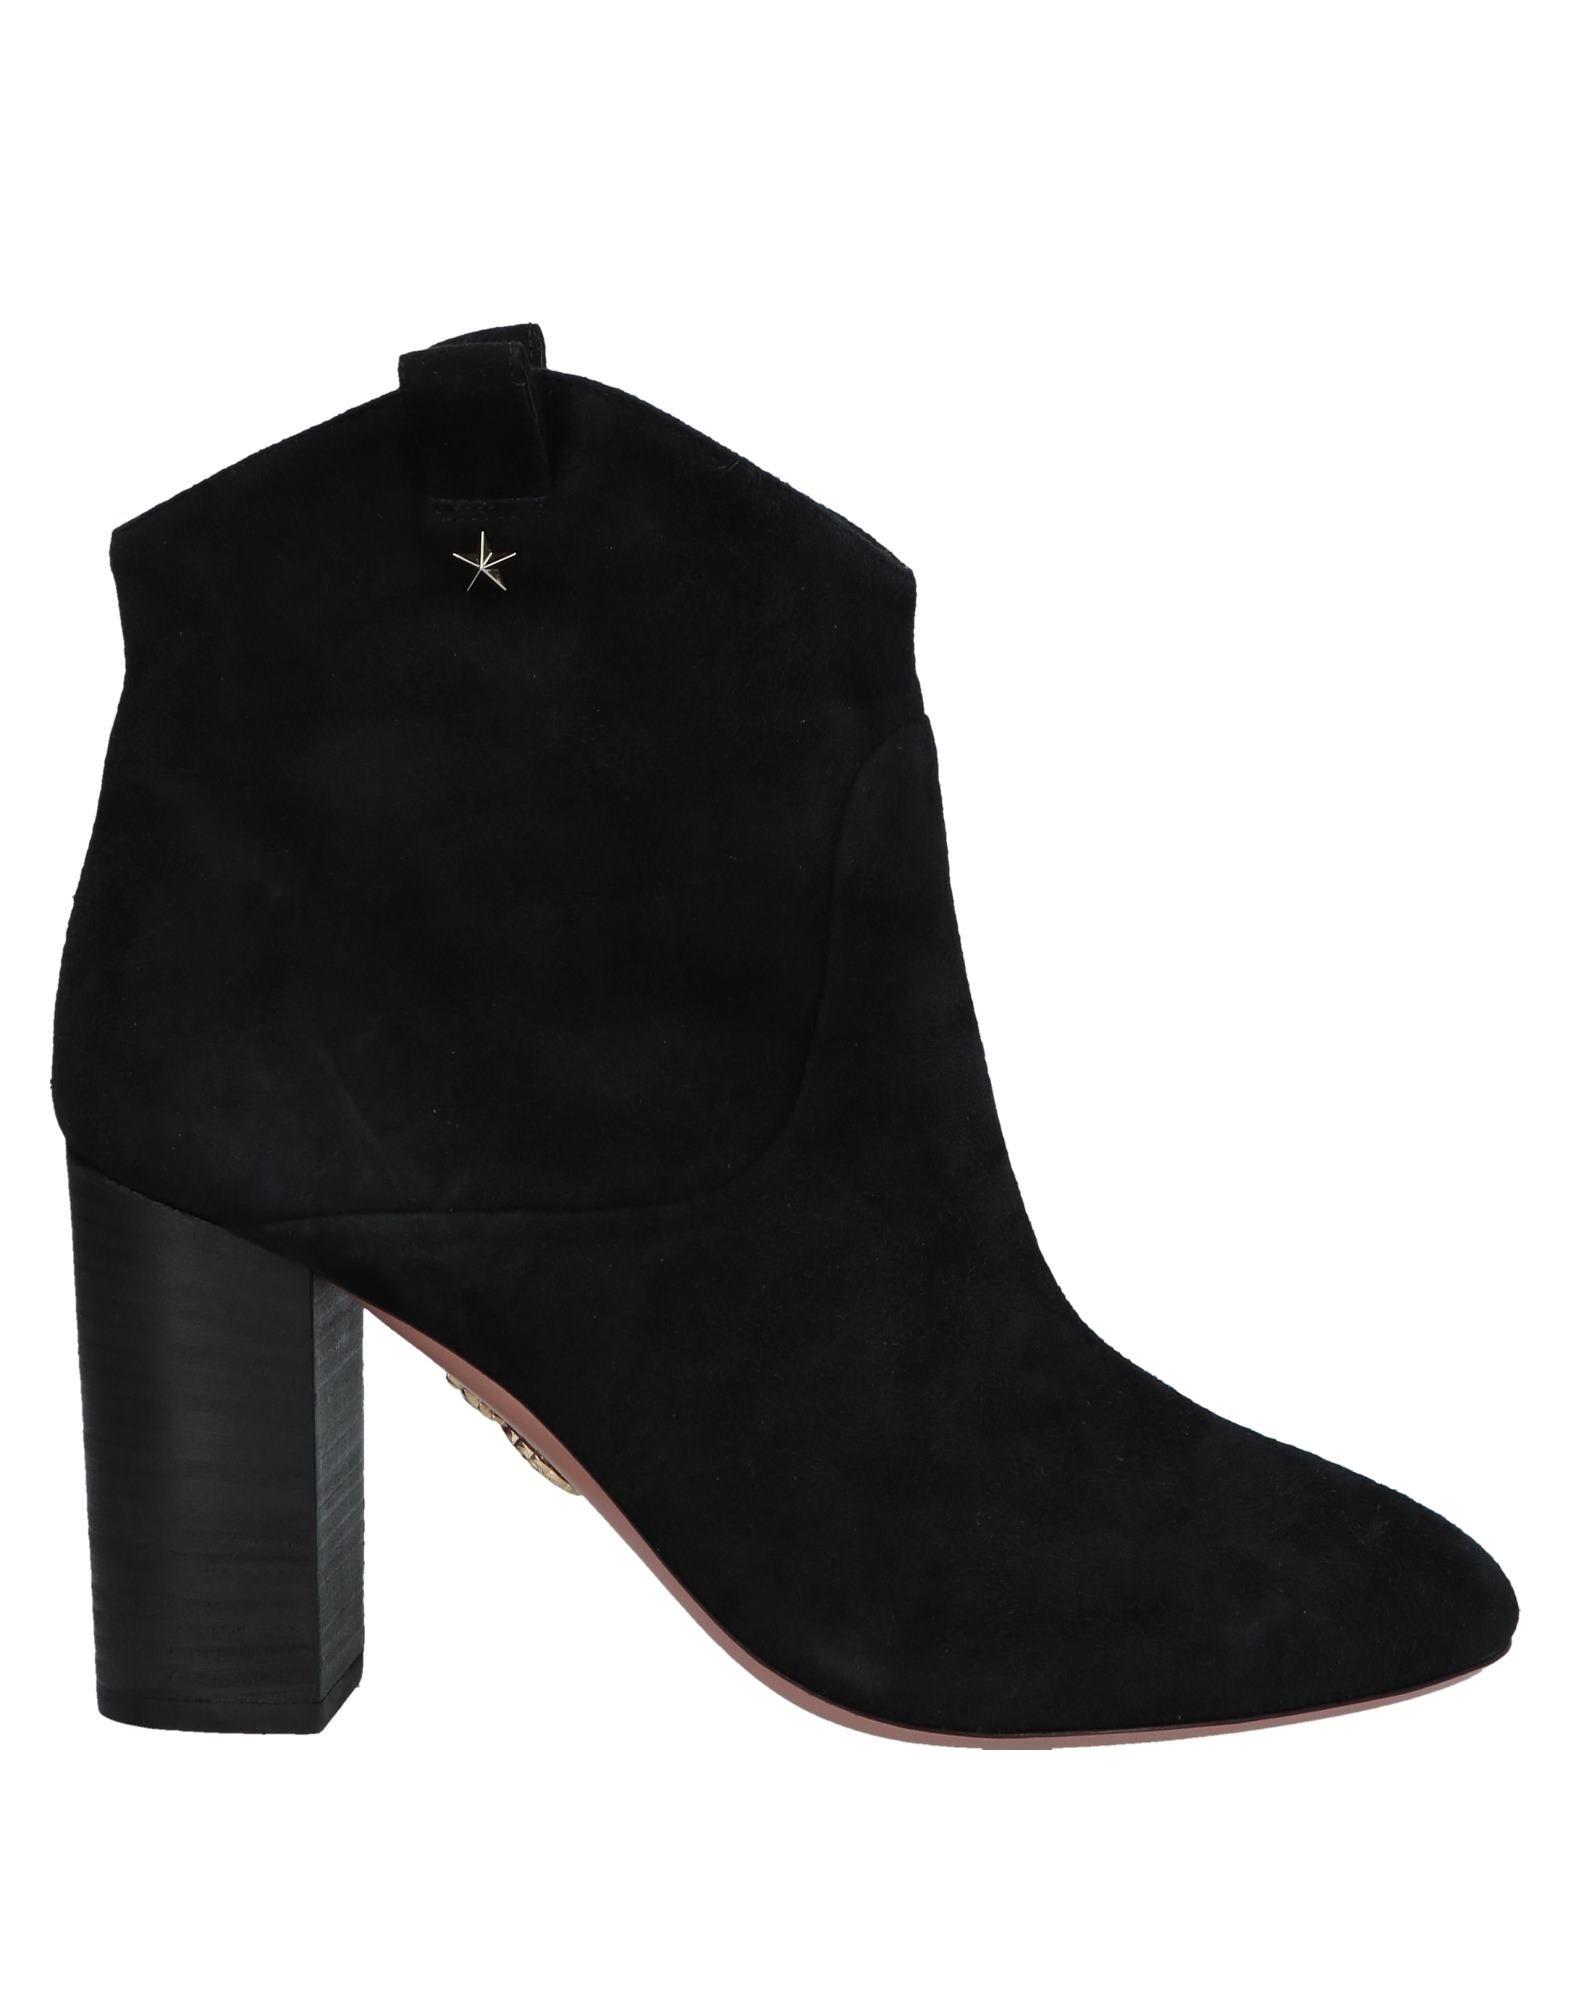 Aquazzura Ankle Boot - - Boot Women Aquazzura Ankle Boots online on  United Kingdom - 11568433TA 32f6cc